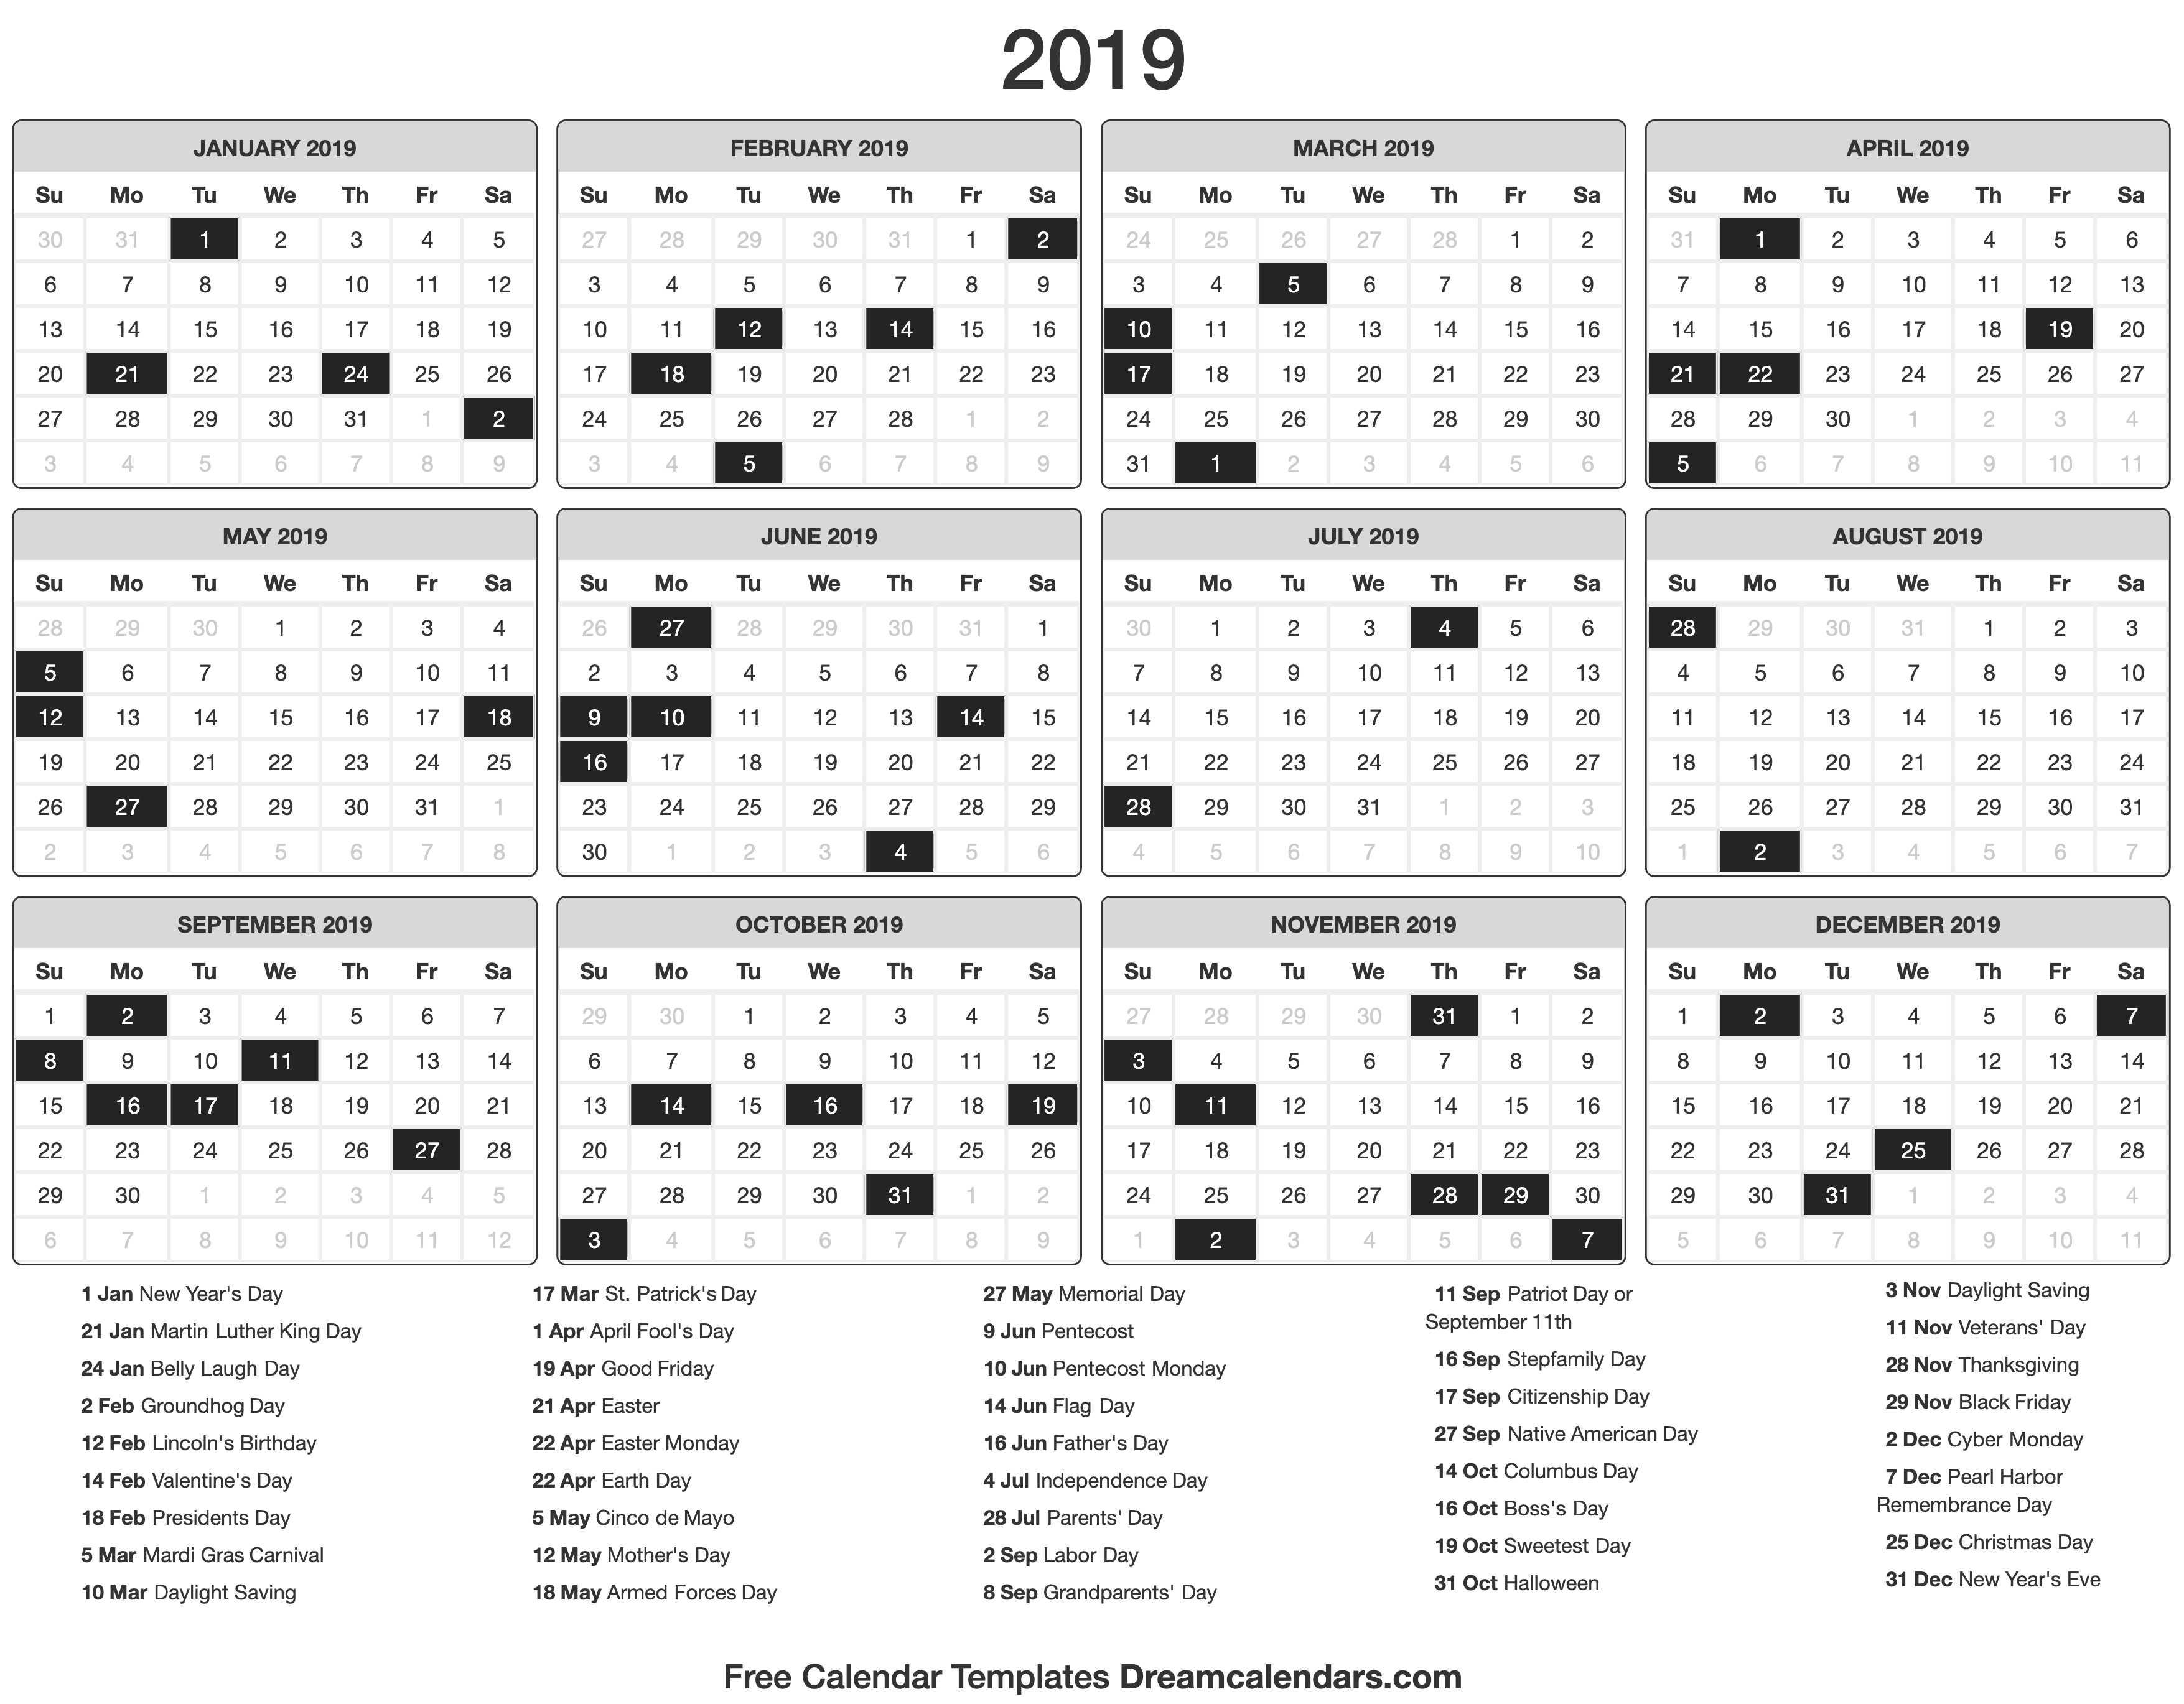 Printable 2019 Calendar - Dream Calendars